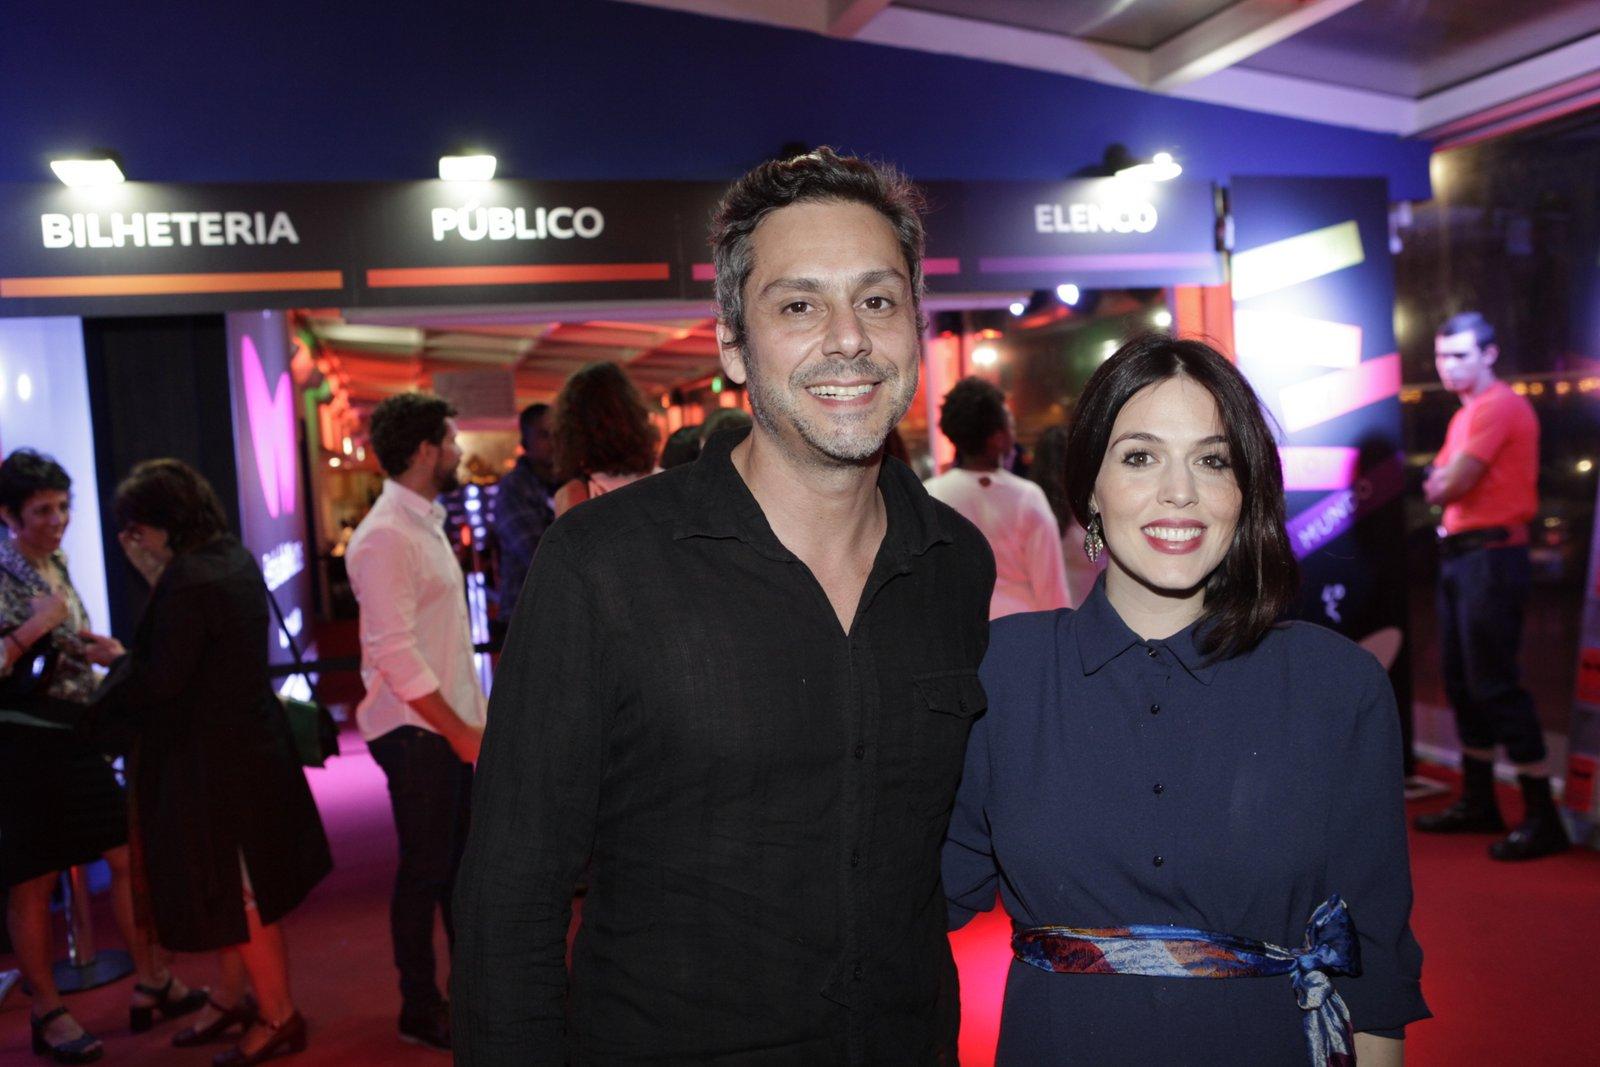 Alexandre Nero e a mulher, Karen Brustolin, em pré-estreia de filme na Zona Sul do Rio